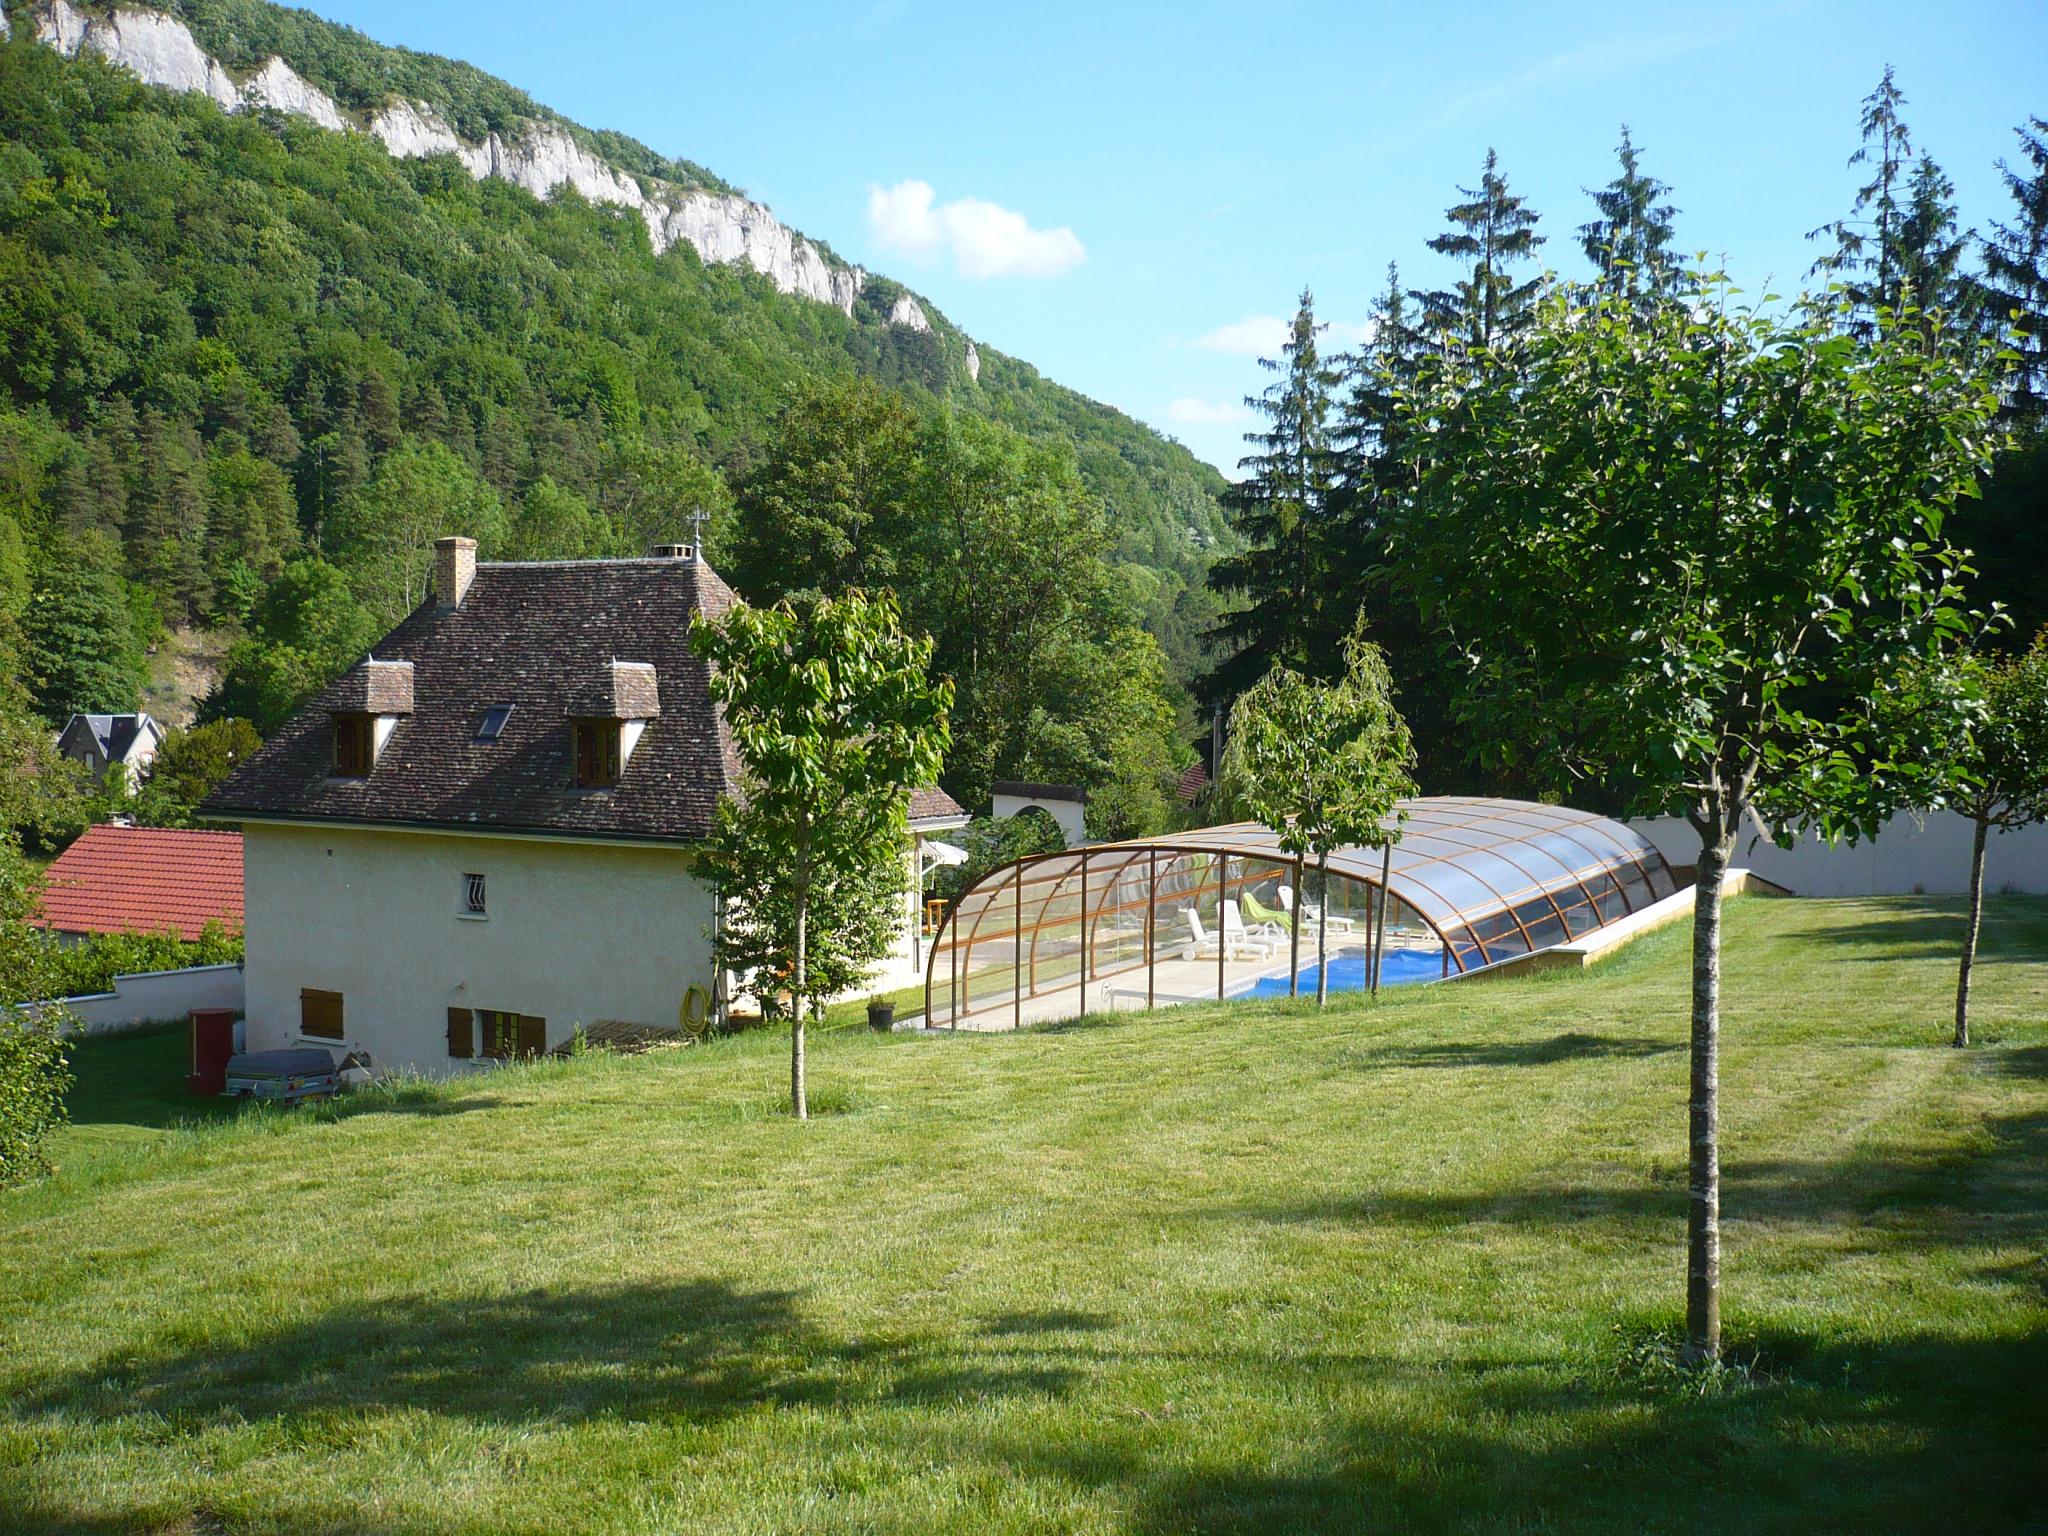 Vente maison/villa bouilland Gare